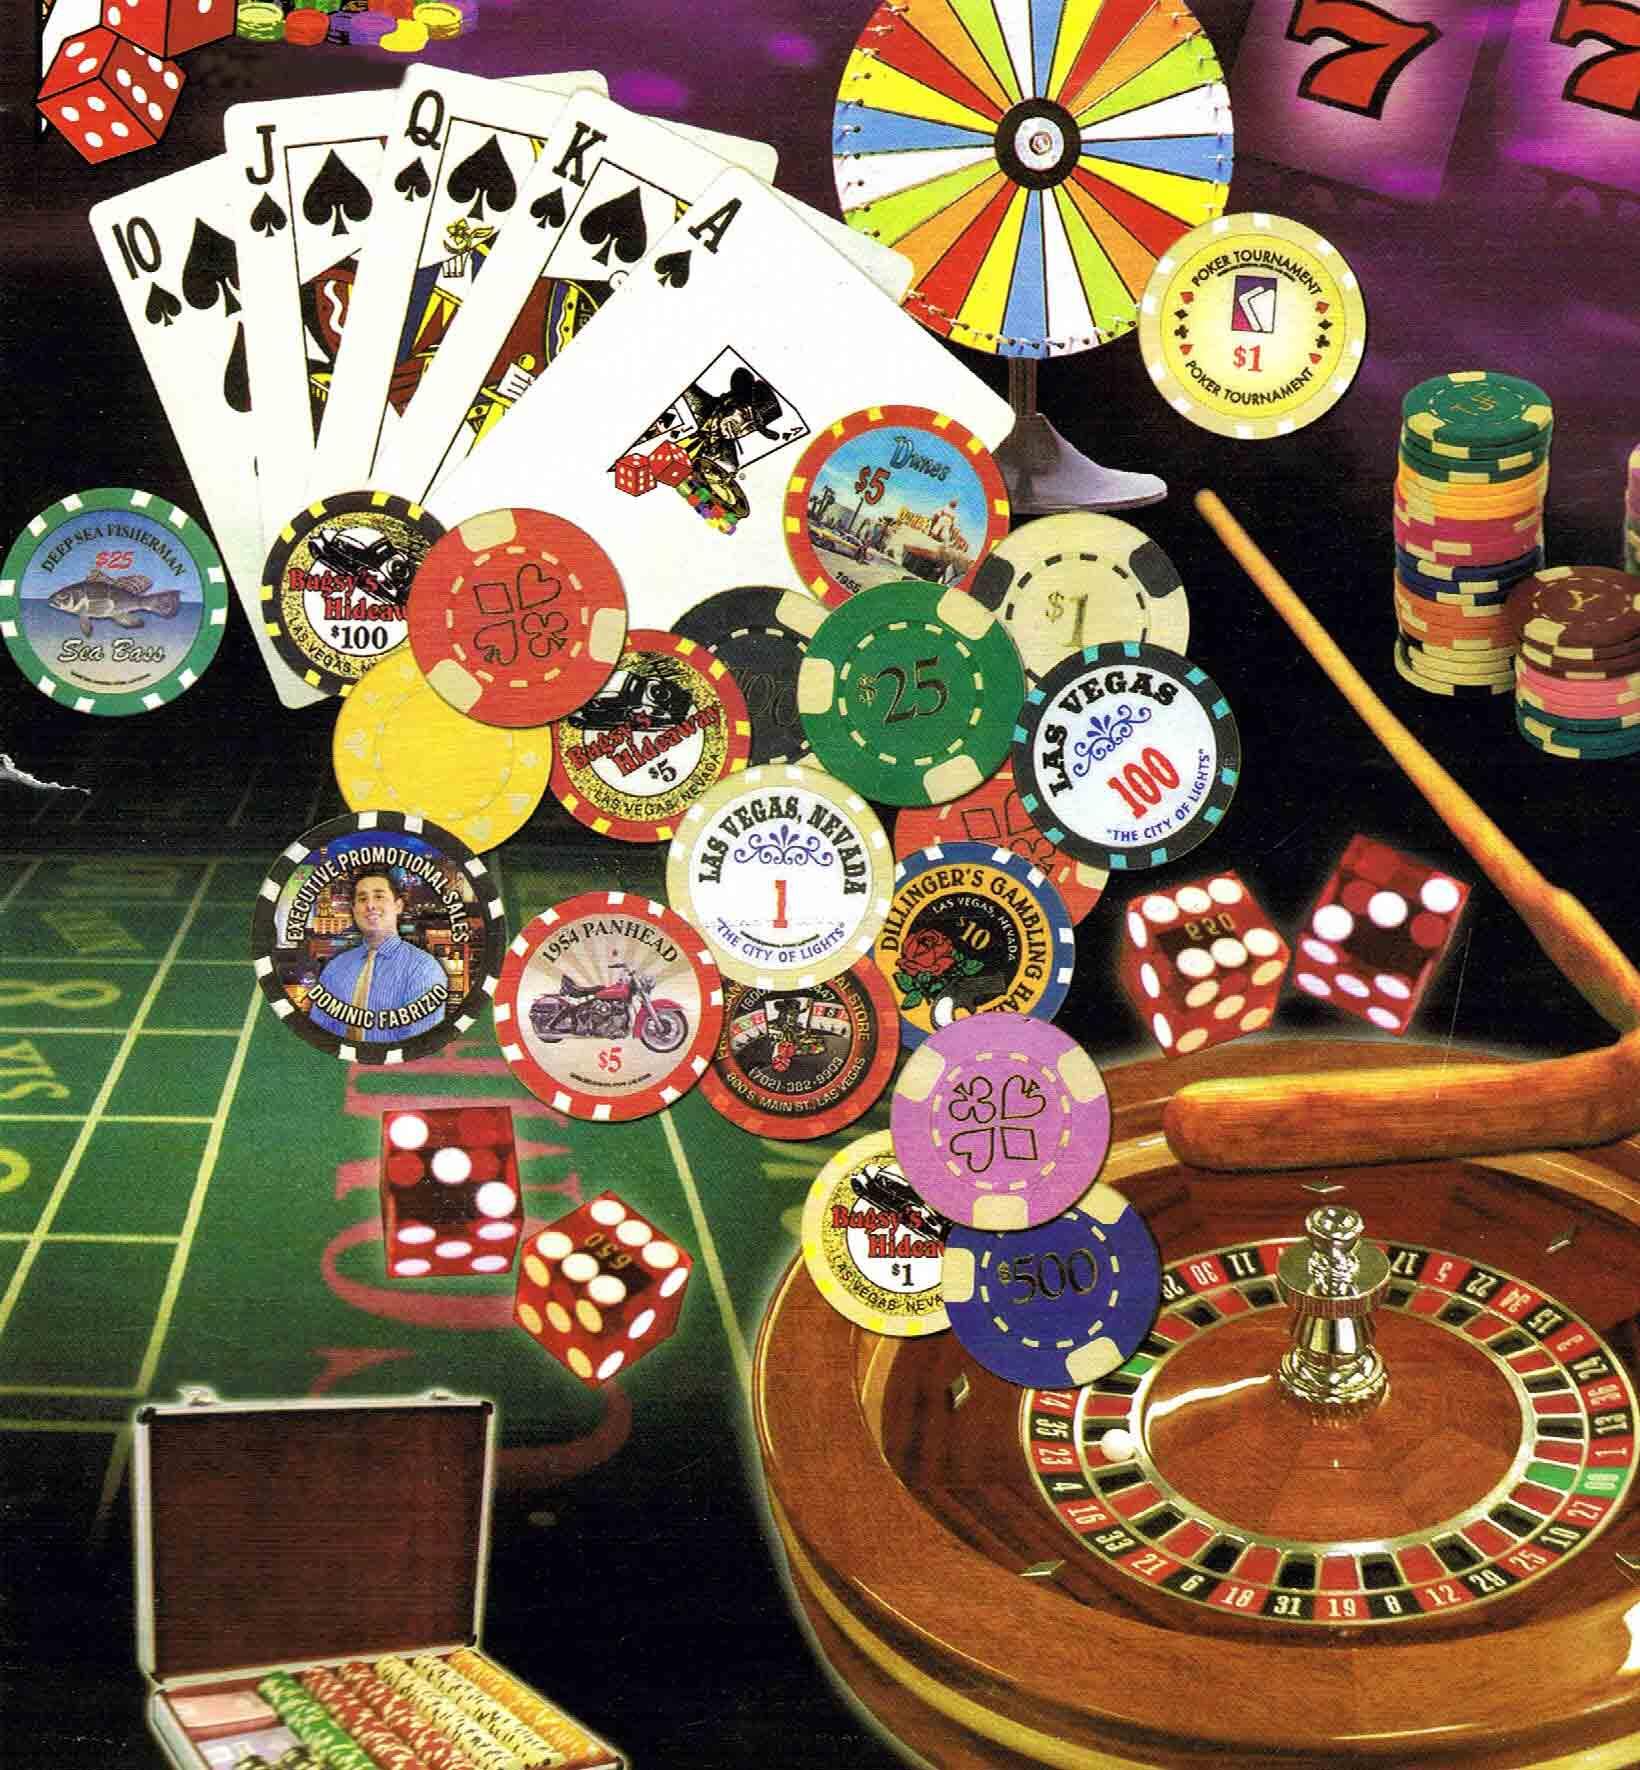 Lucky devils gambling web site grosvenor casino edgware road